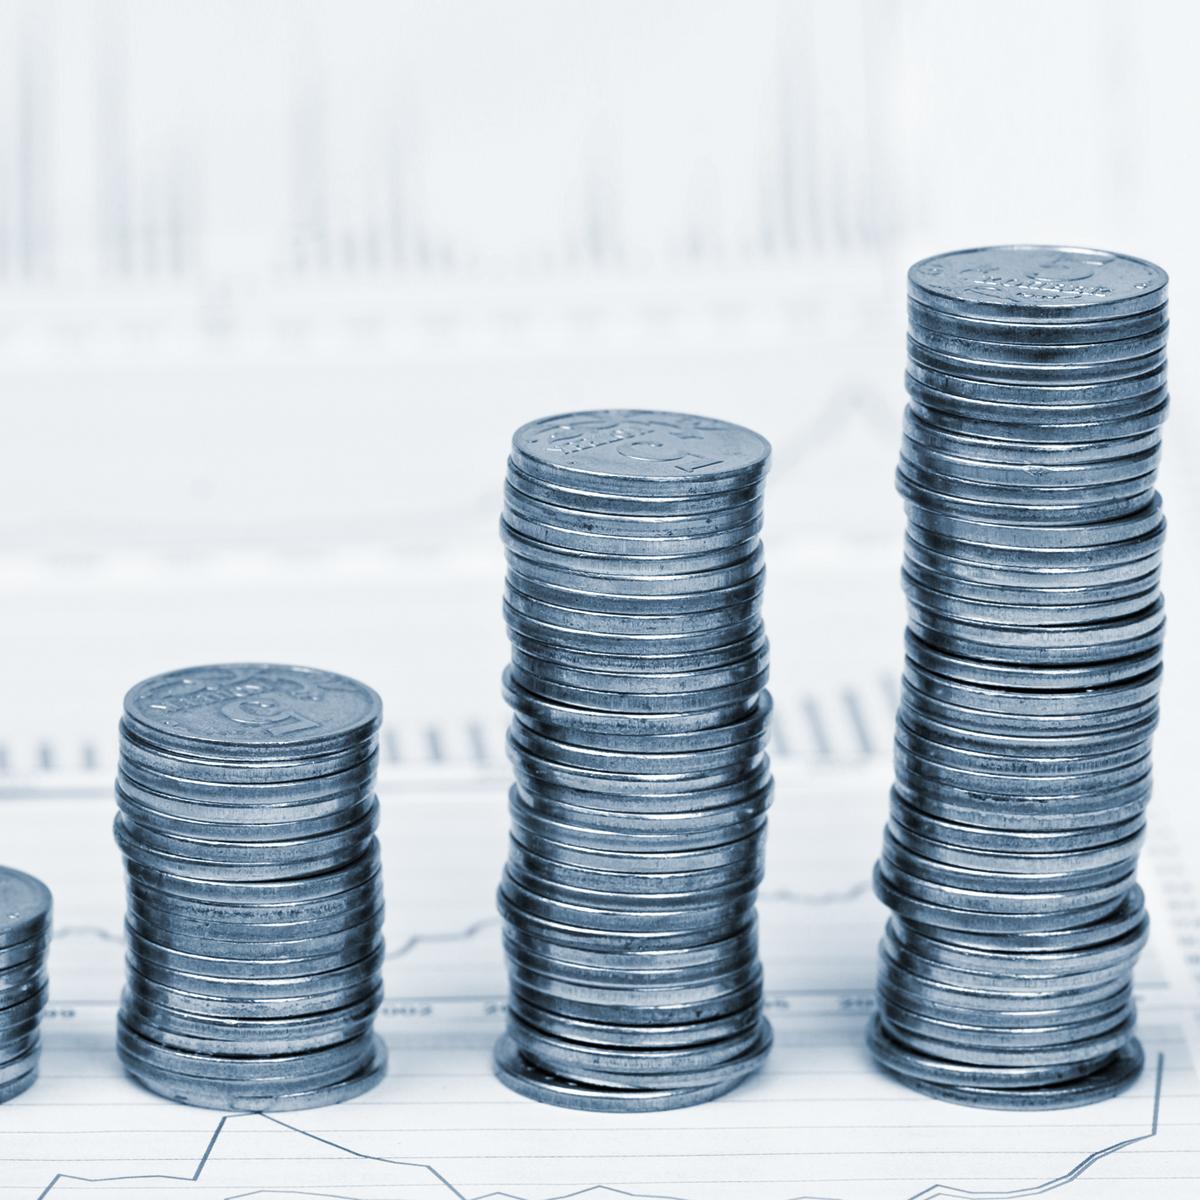 ibla-capital-Rafforzamento-Patrinoniale